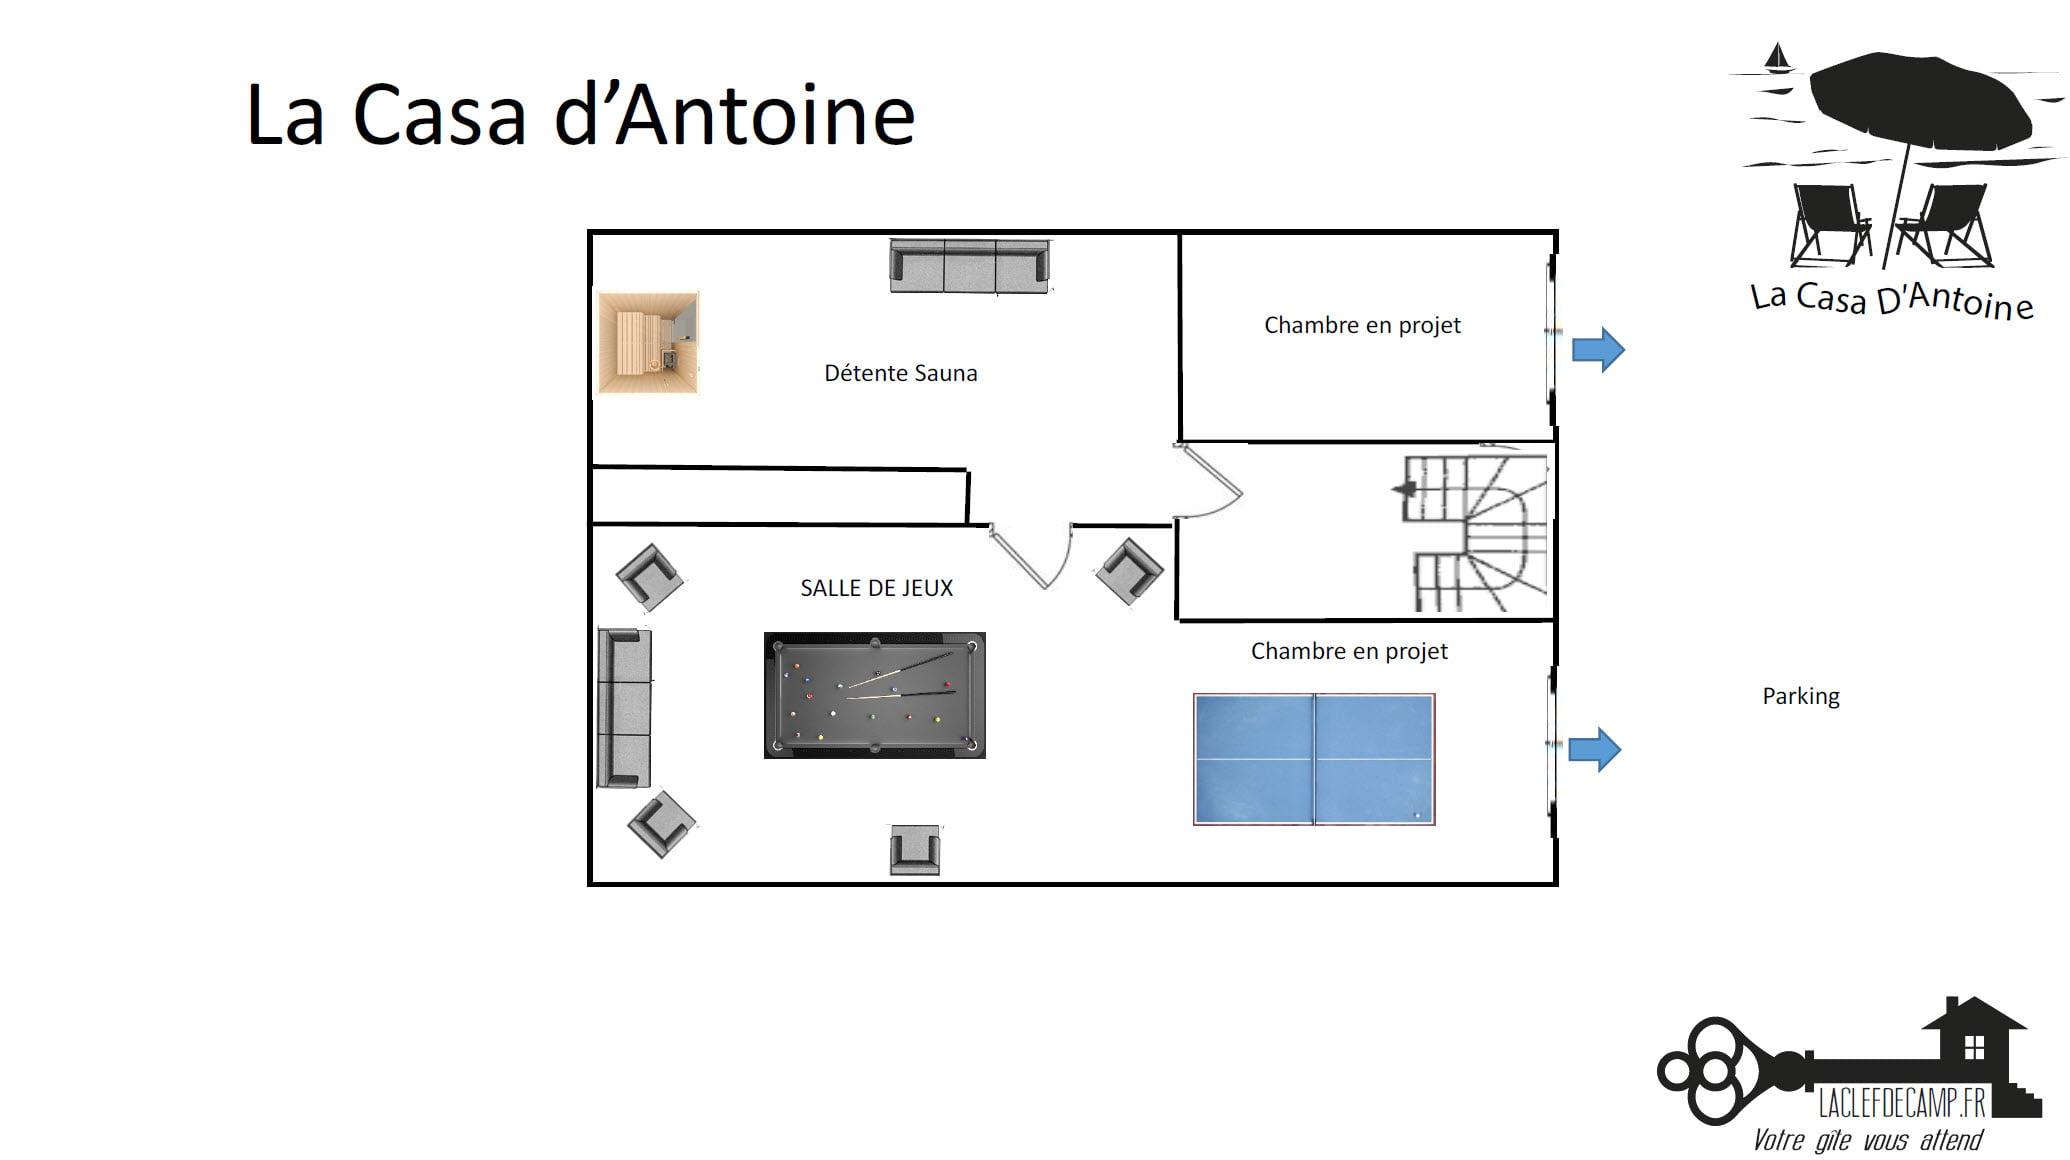 La casa dantoine - La Casa d'Antoine - Location de Gite La Clef Decamp - Laclefdecamp.fr